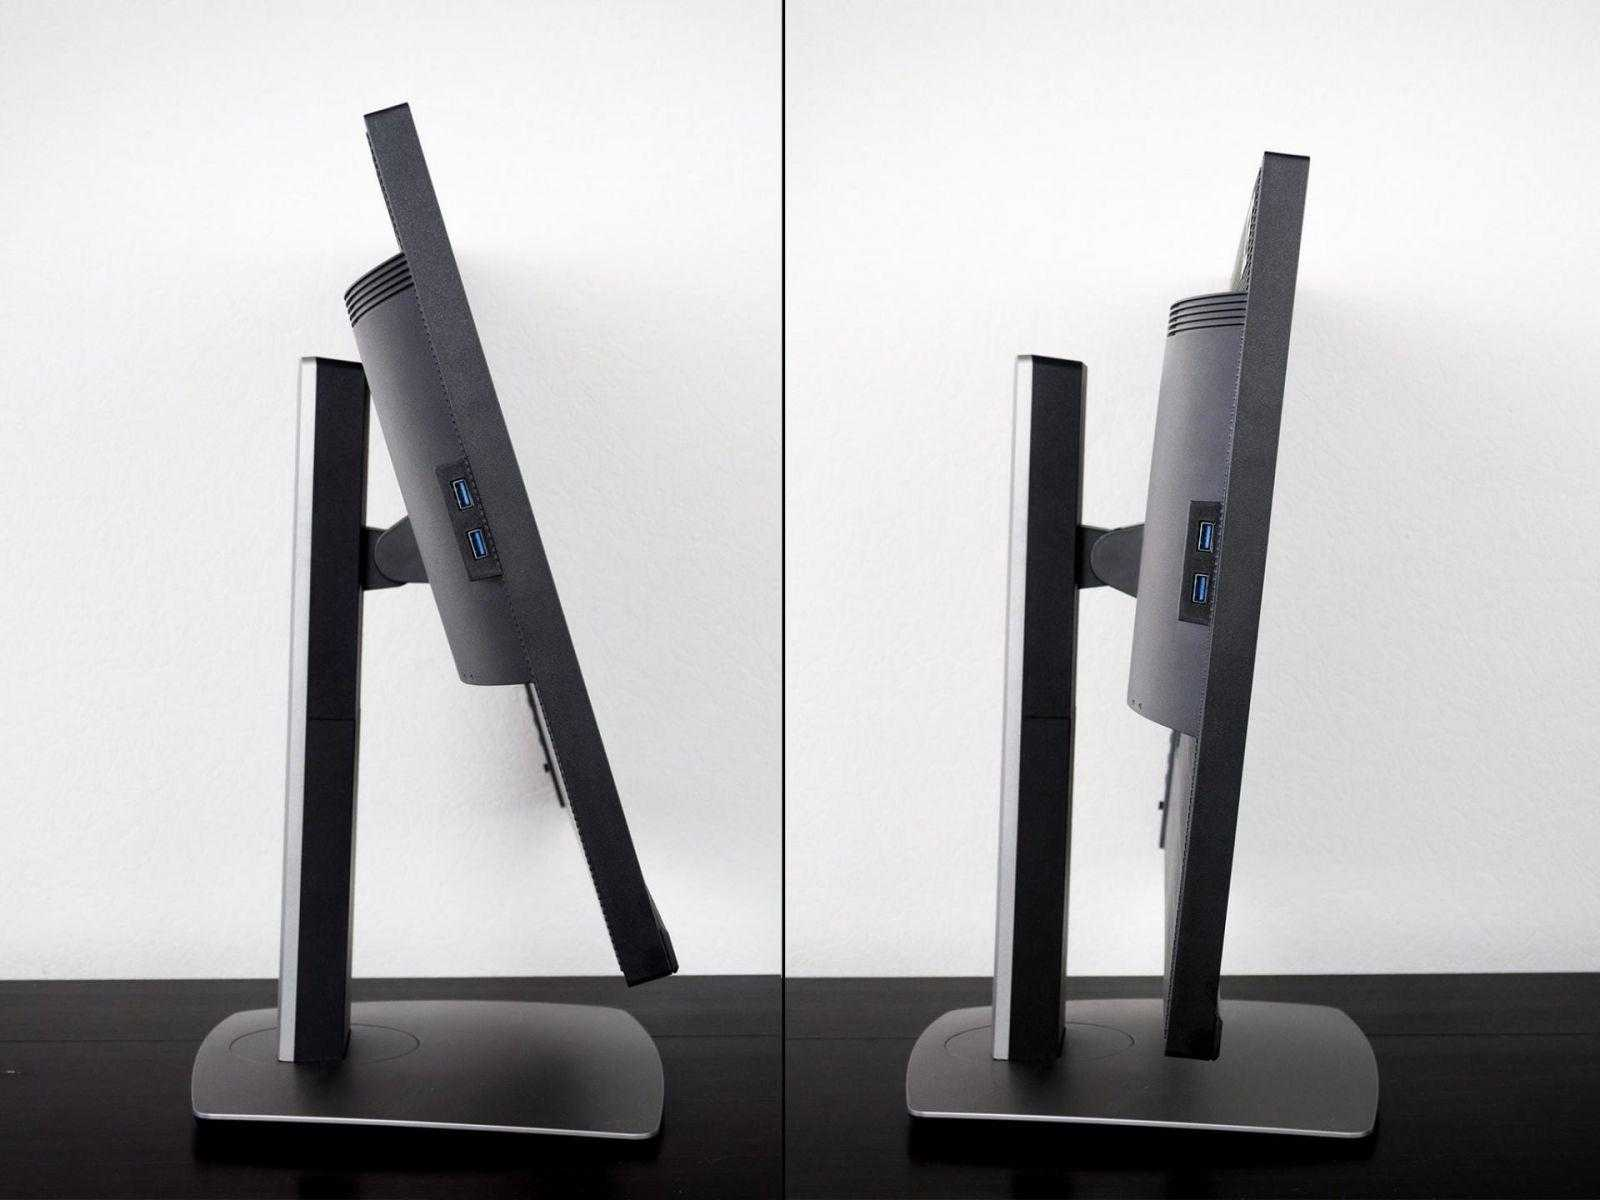 Обзор монитора Acer ProDesigner BM320 (acer 320YaM07)